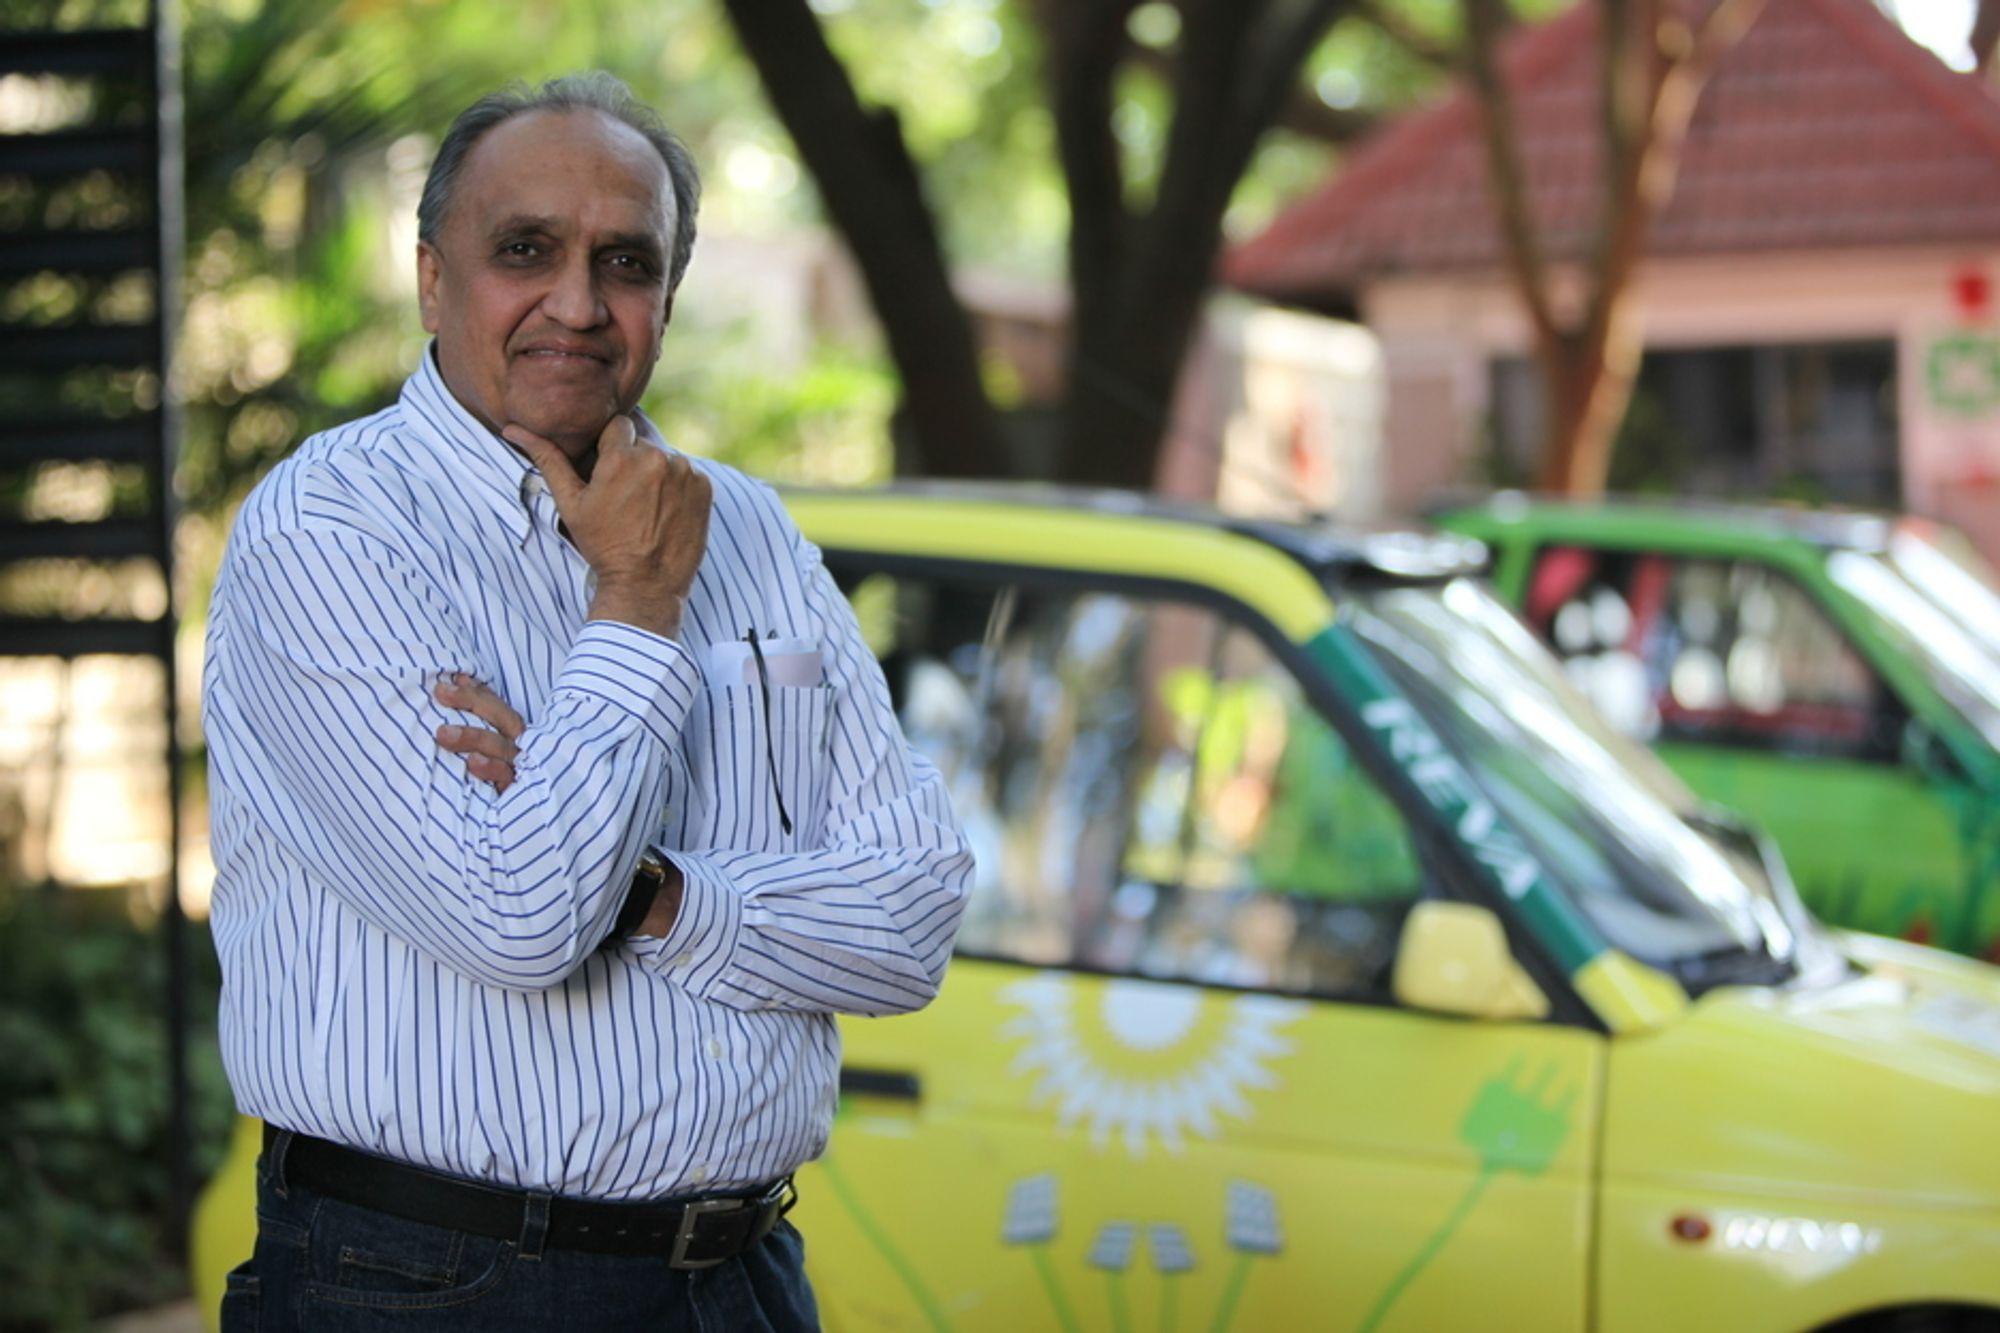 """SLUTT PÅ KOMIKKEN: Dilip Chhabria er hyret inn som designer til kommende elbilmodeller fra indiske Reva. Chhabria varsler aggressivi design og elbiler """"som ser ut som biler""""."""